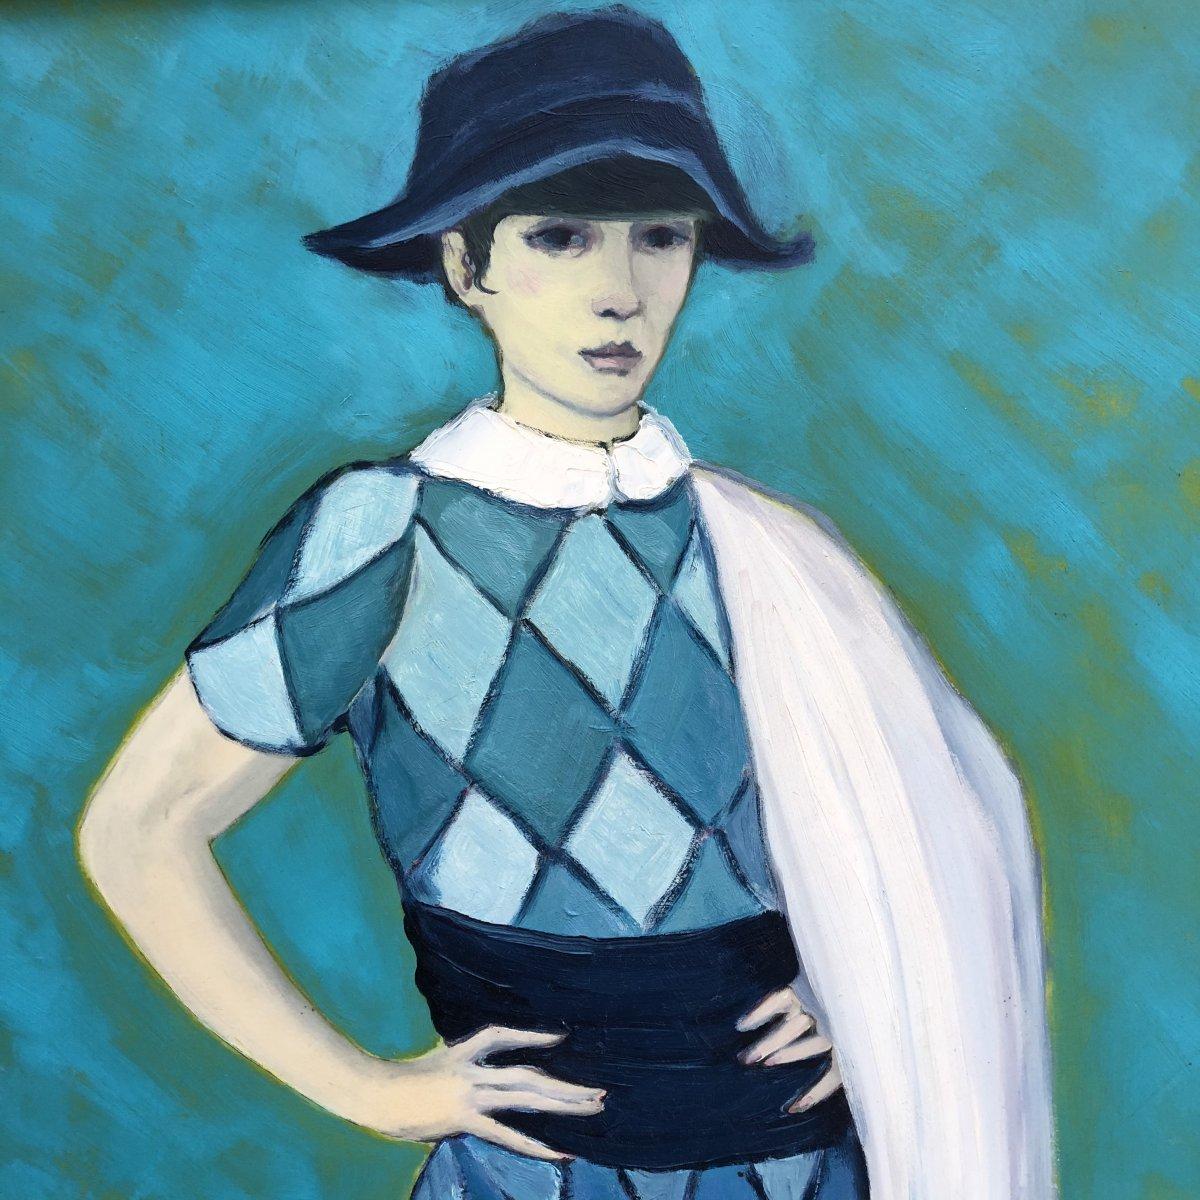 Michel Guerin 1940-2013 Large Oil On Arlequin Blue Panel Harlequin